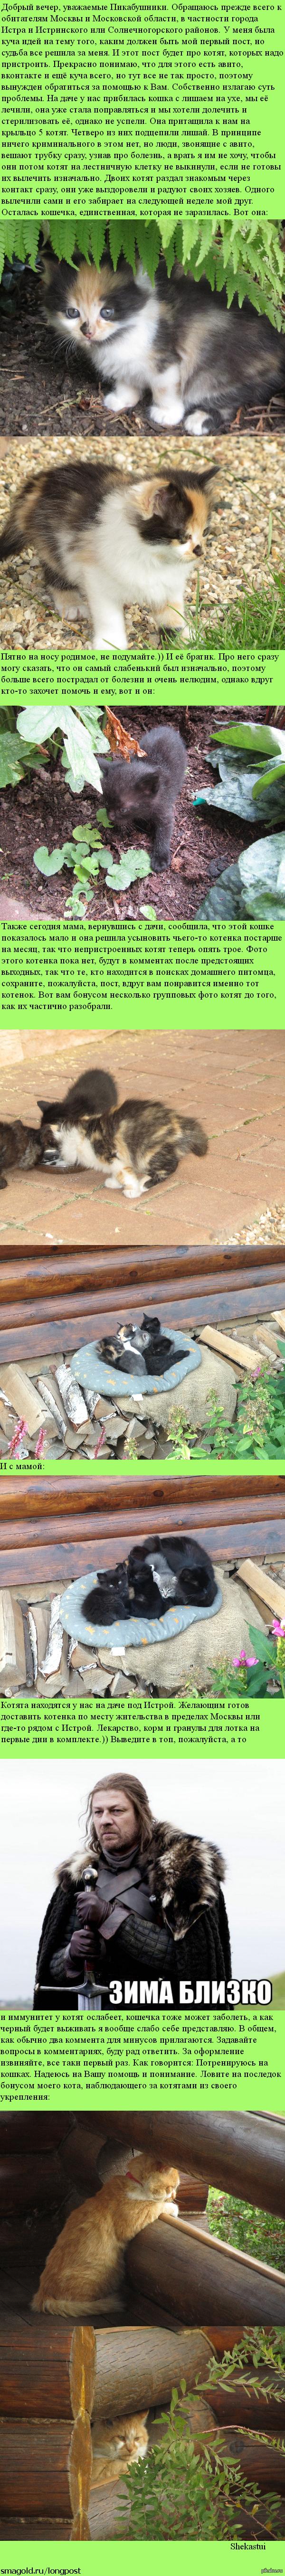 Пикабу, выручай! Нужно пристроить котят. Котята от лишайной матери, однако один пока здоров. Остальных лечим прогресс есть, но люди с авито отказываются сразу, услышав о болезни. Одна надежда на Вас.